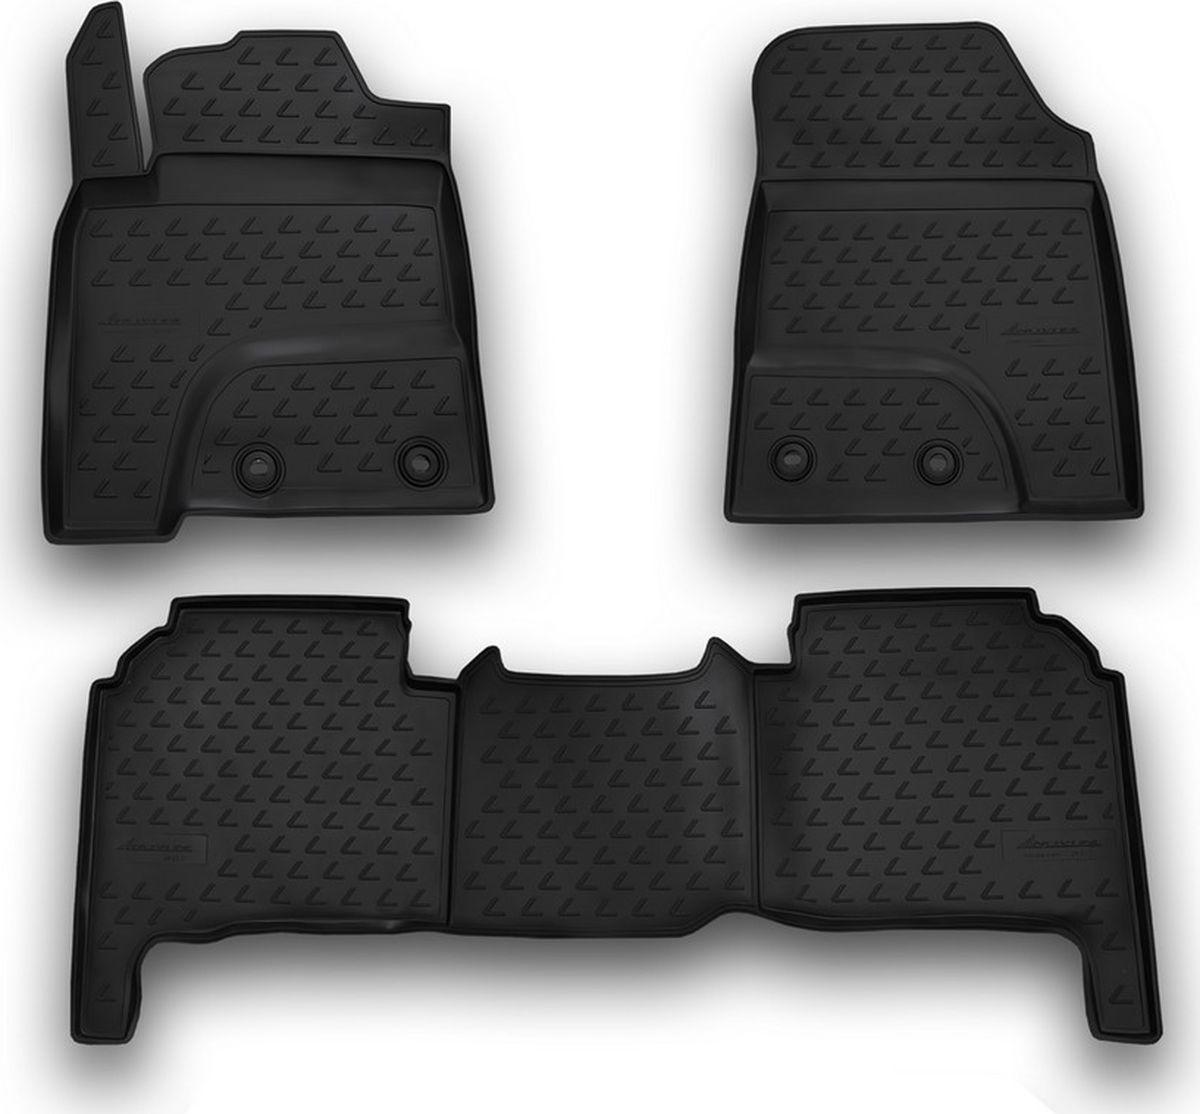 Коврики в салон автомобиля Novline-Autofamily, для Lexus LX570, 2012->, 5 мест, 3 штNLC.29.20.210kКачественный продукт, новый полимерный материал, антискользящий рельеф, идеальная форма, гигиенические сертификаты. Надежные коврики для вашего автомобиля.